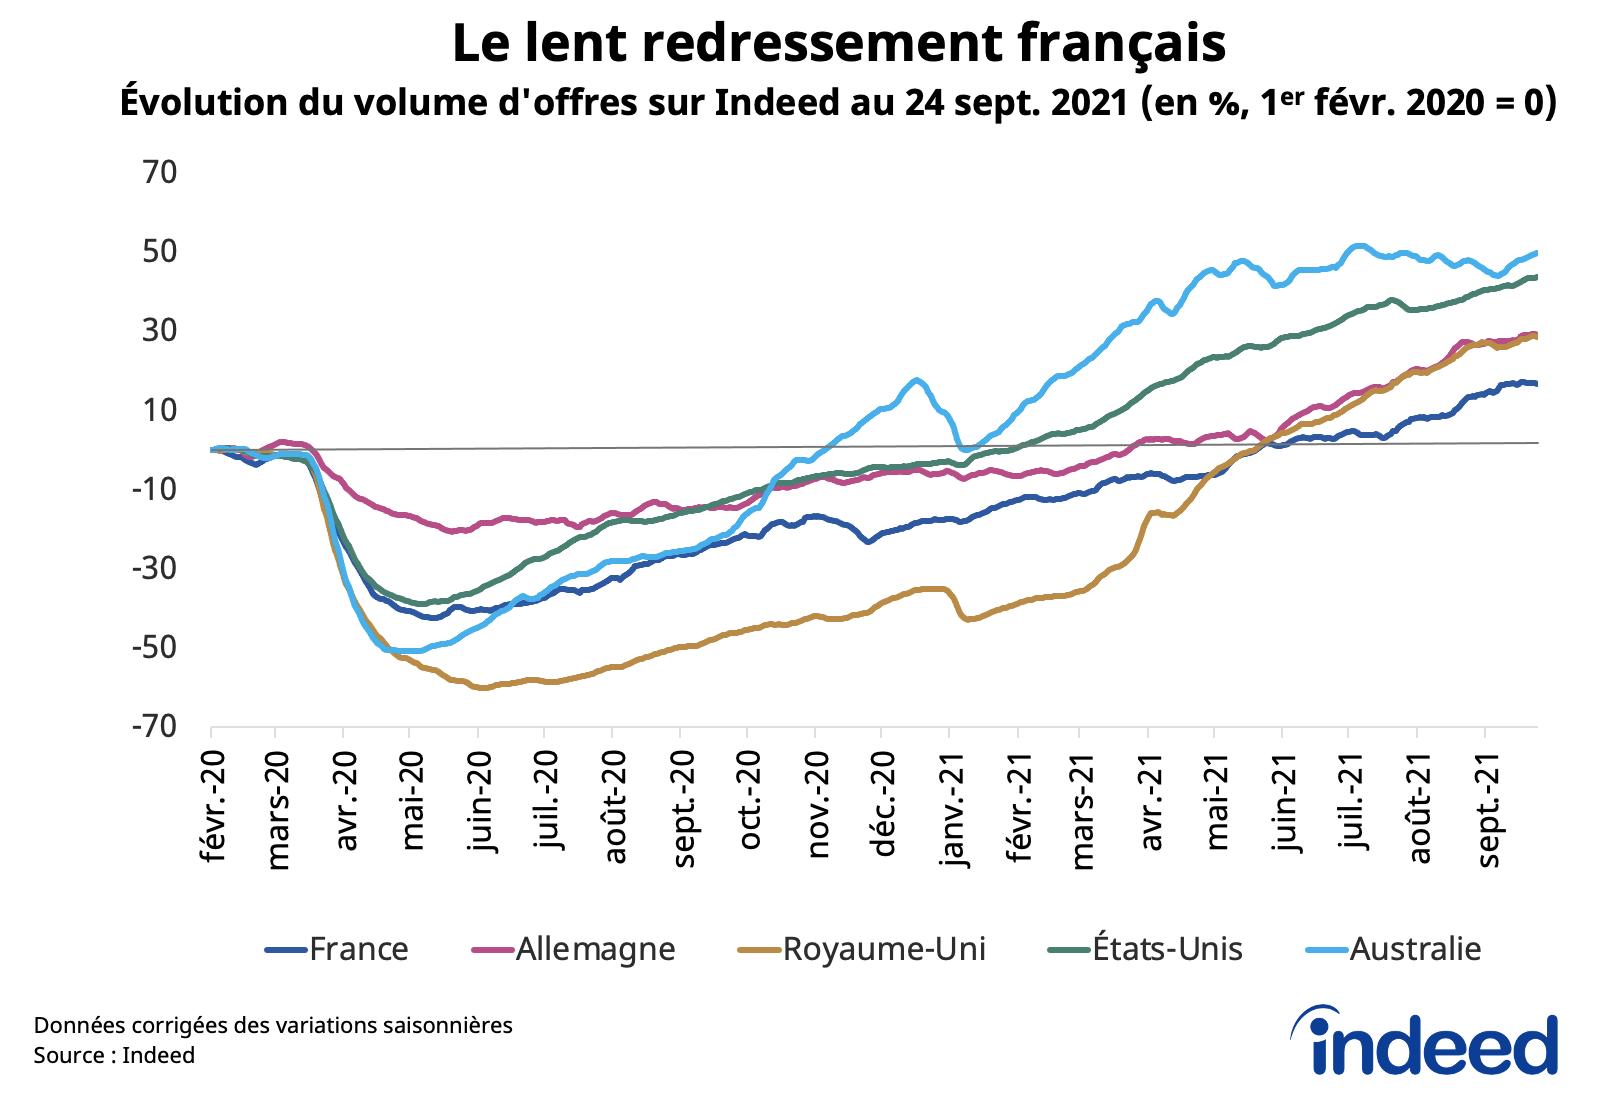 Le graphique en courbes illustre l'évolution du volume d'offres d'emploi en France, en Allemagne, au Royaume-Uni, aux États-Unis et en Australie au 24 septembre 2021.